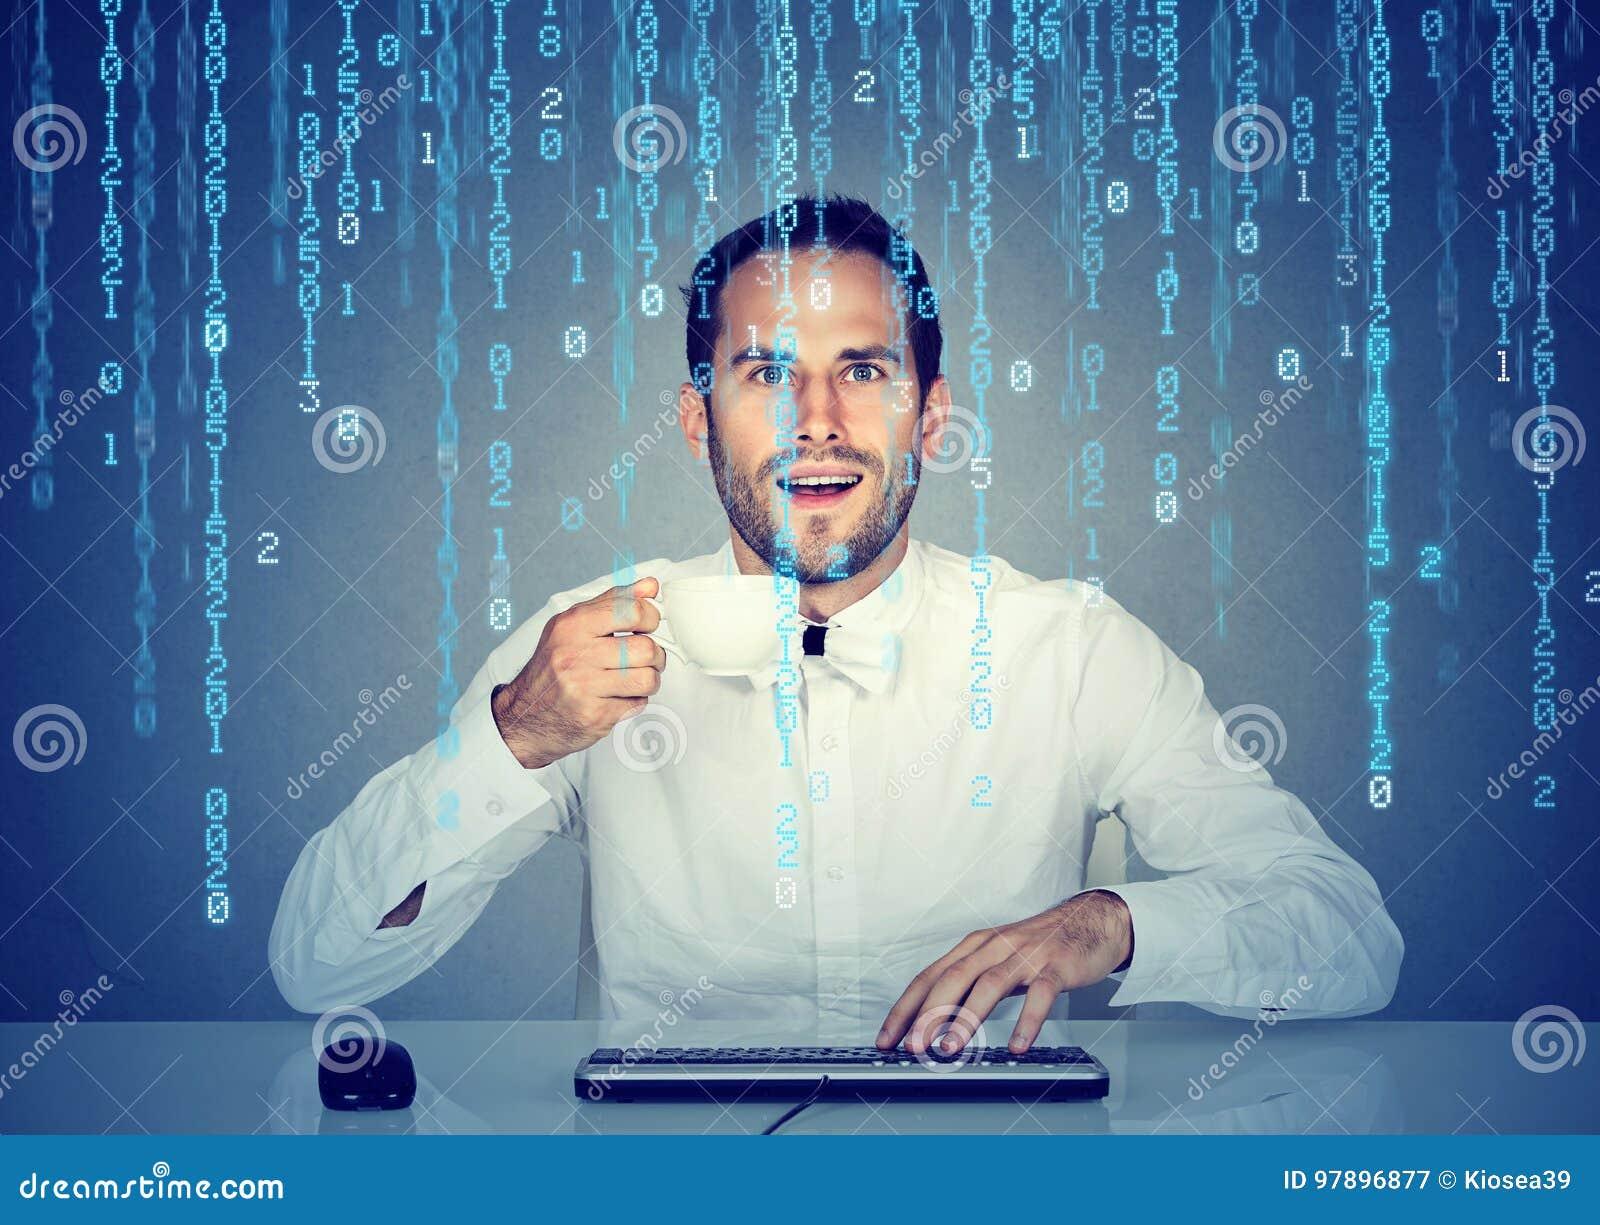 Codificación sorprendente de la Software Engineer del hombre usando un ordenador y una tenencia a la taza de café